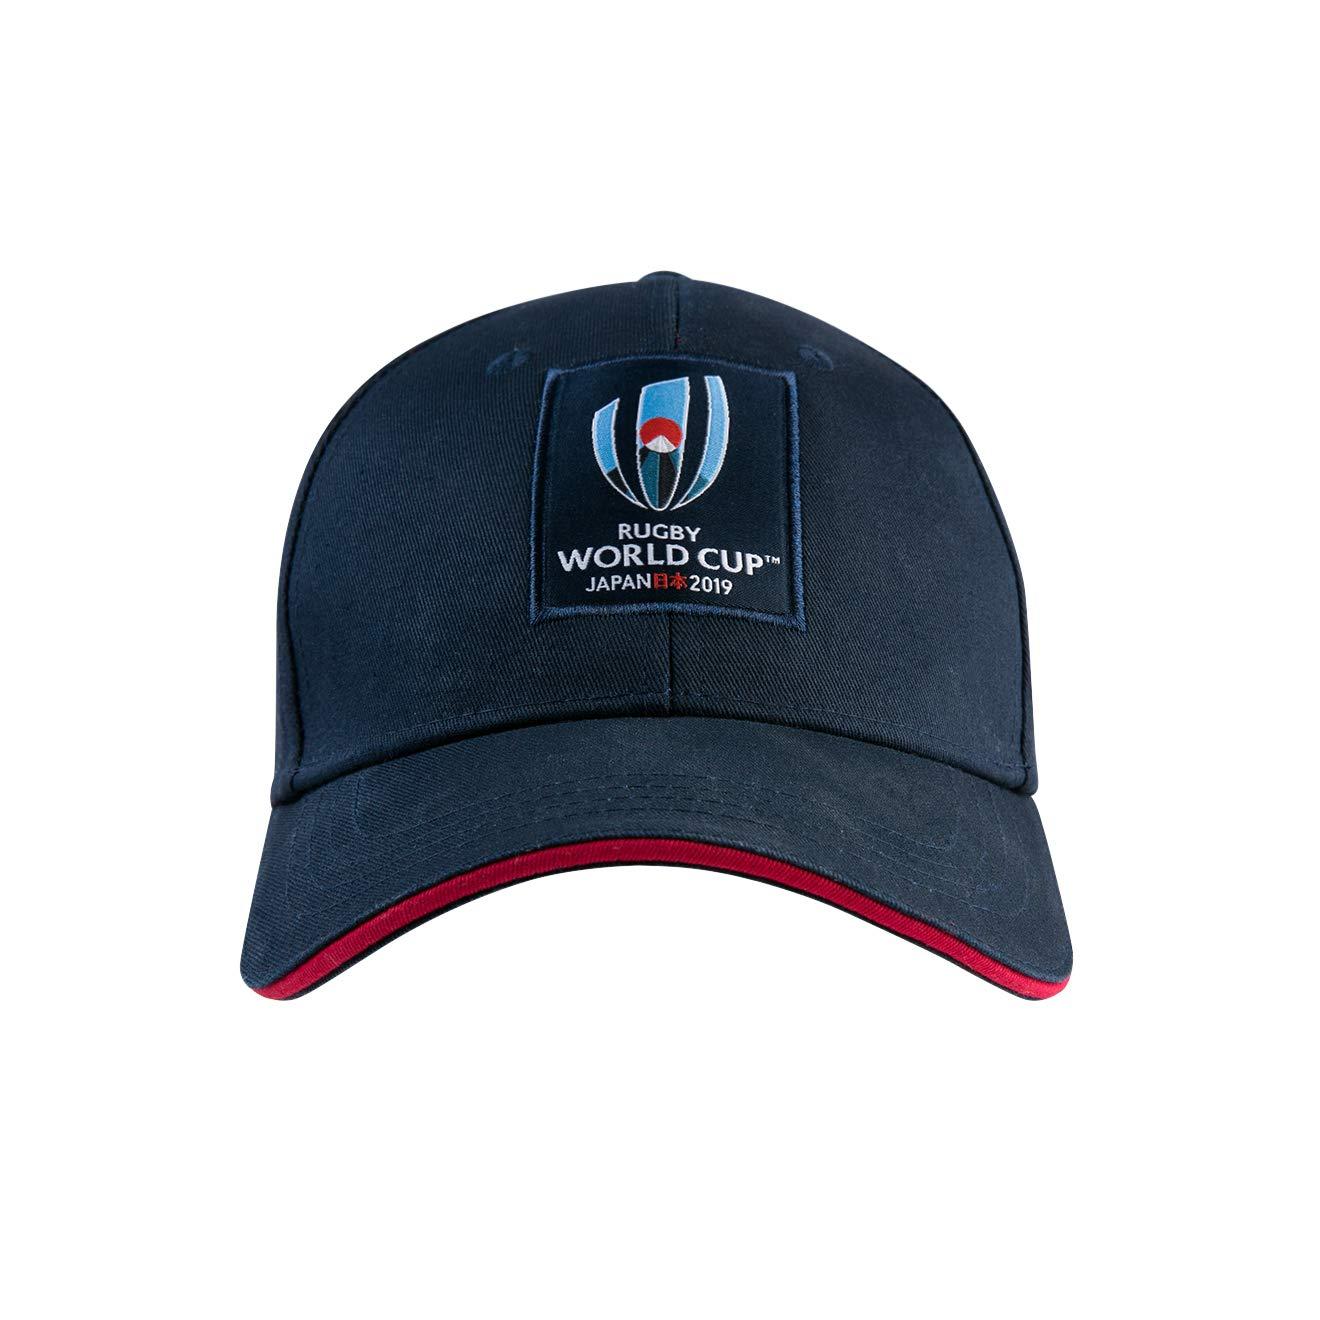 Bleu Marine Blazer Canterbury Officiel de la Coupe du Monde de Rugby 2019 Casquette Mixte Adulte Taille Unique FR Fabricant